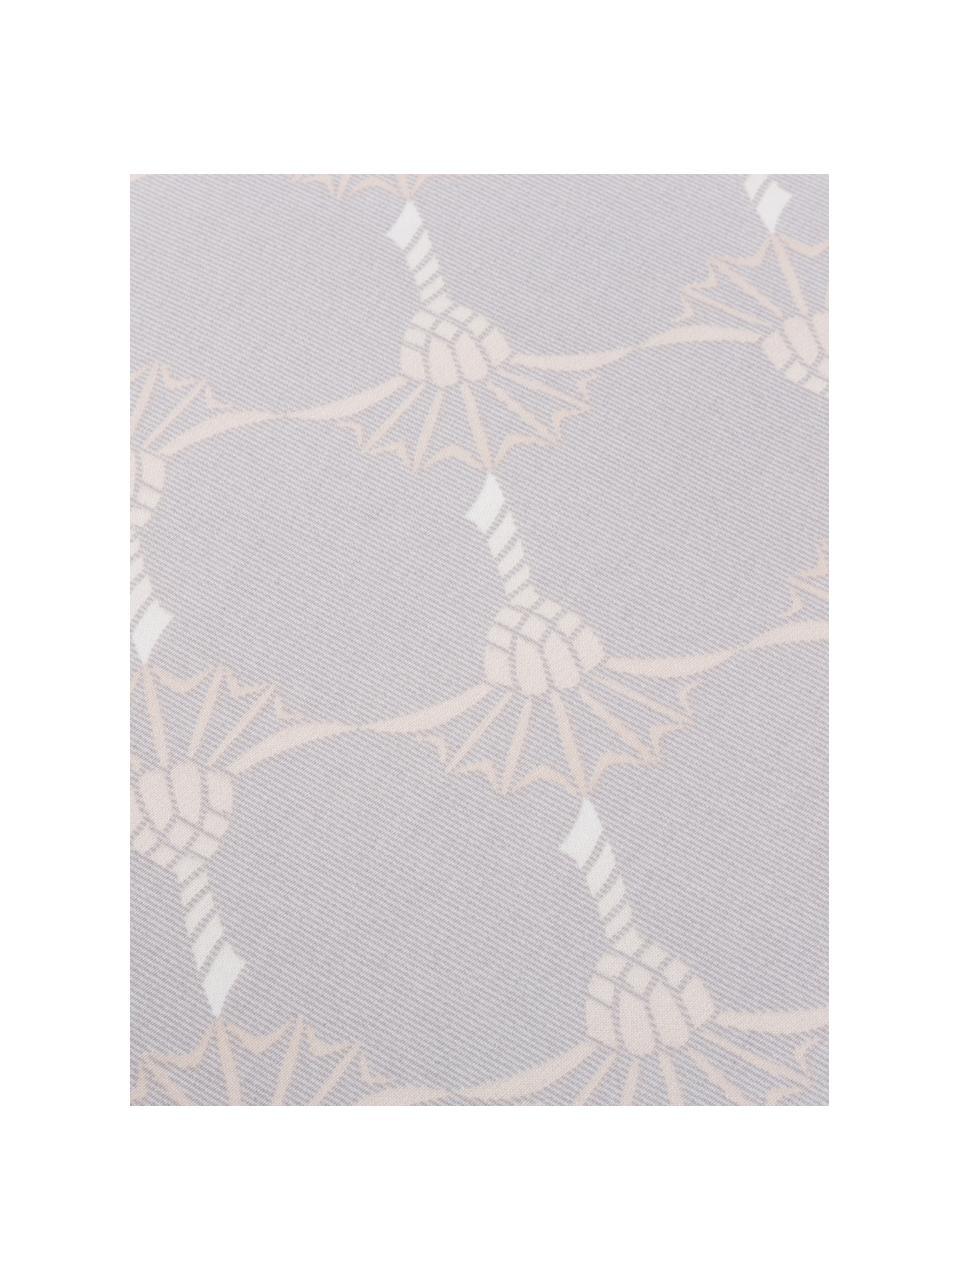 Mako-Satin-Bettwäsche Cornflower Gradiant mit Kornblumen, Webart: Mako-Satin, Hellgrau, Mittelgrau, Beige, Creme, 135 x 200 cm + 1 Kissen 80 x 80 cm